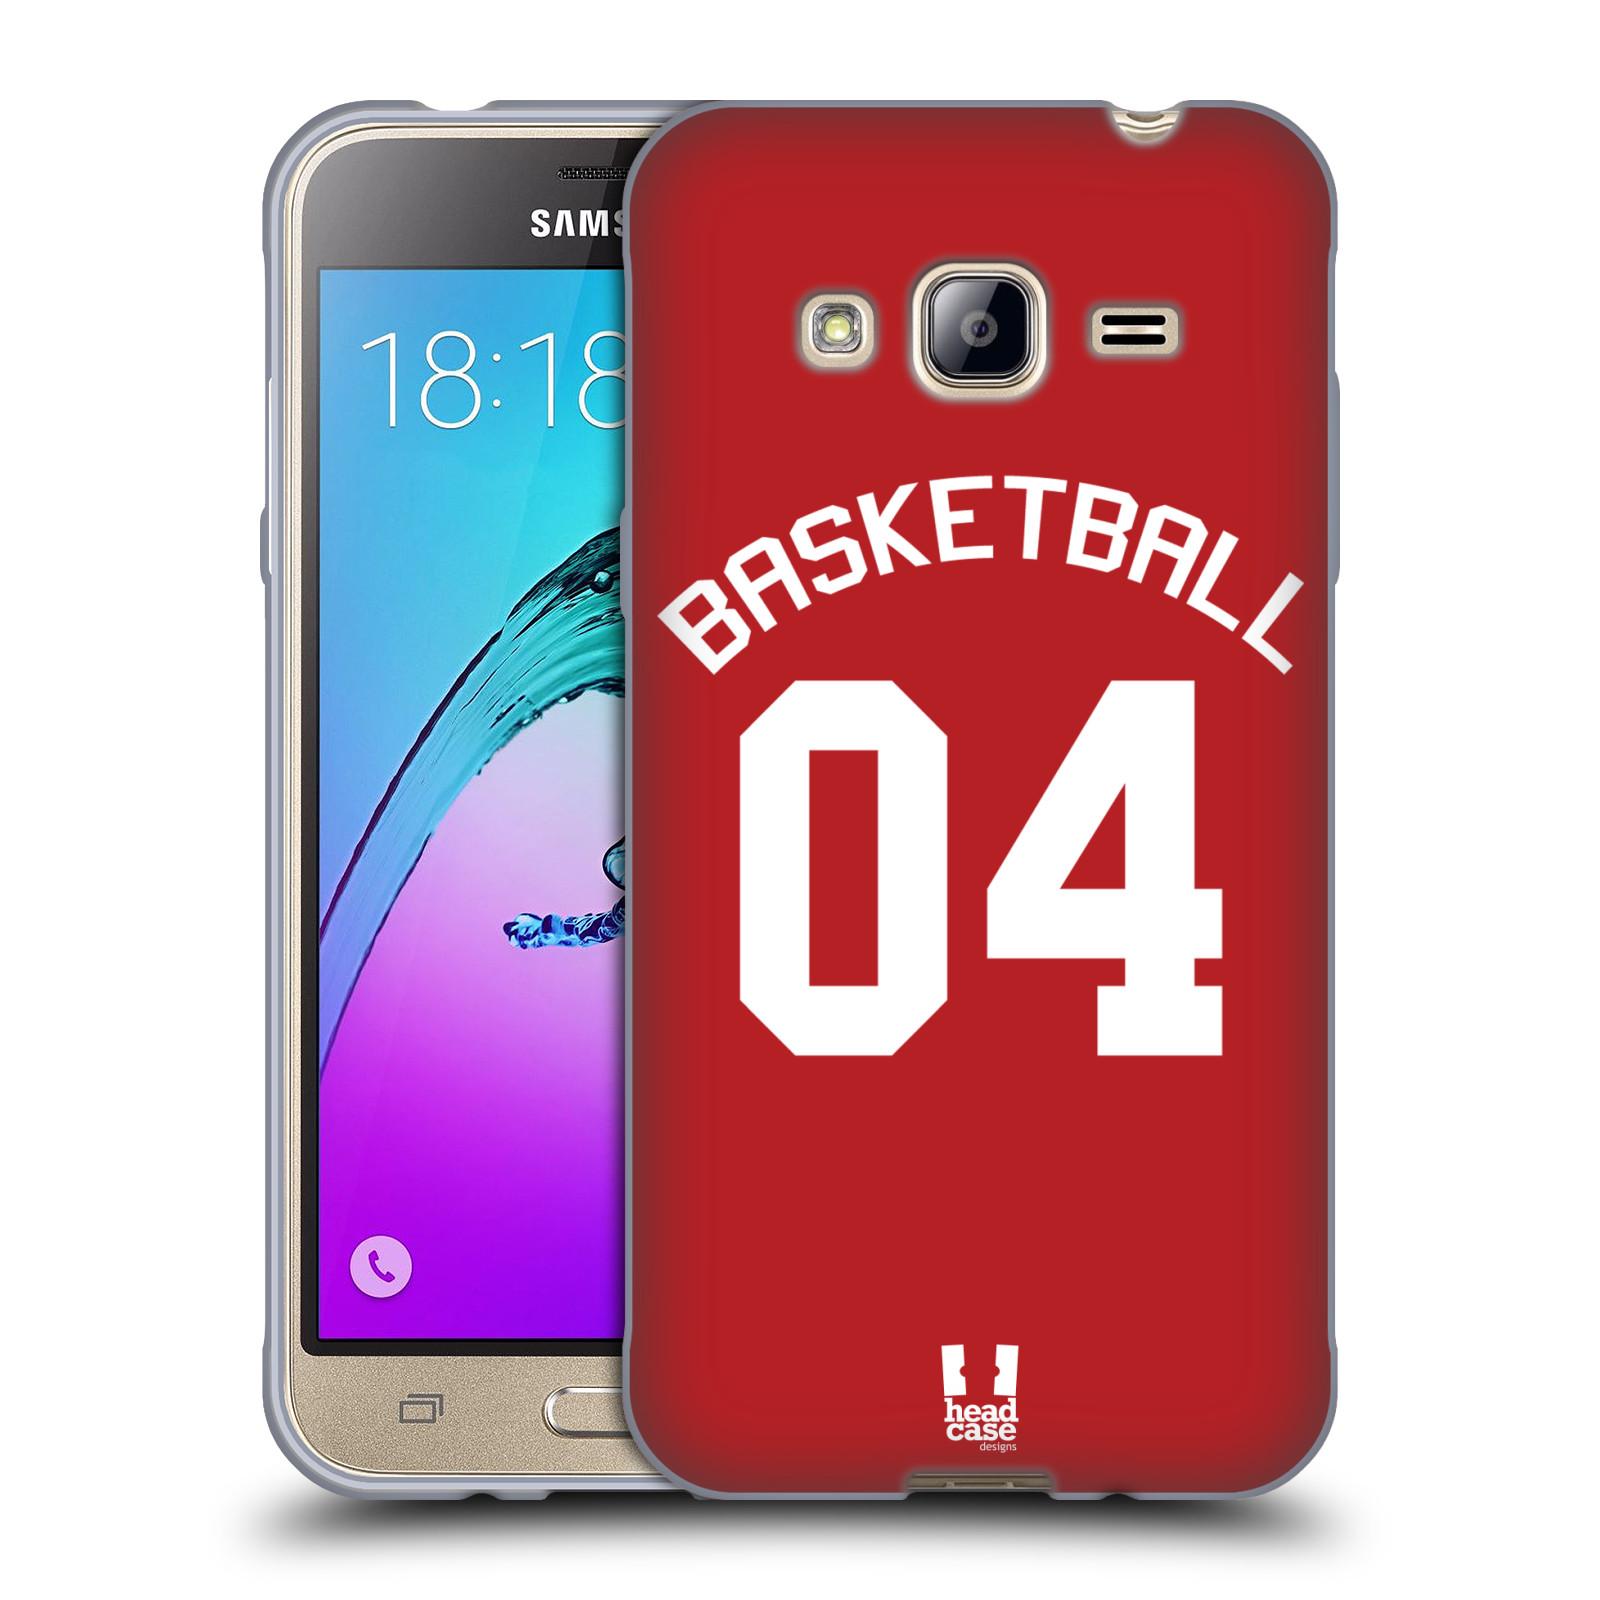 HEAD CASE silikonový obal na mobil Samsung Galaxy J3, J3 2016 Sportovní dres Basketbal červený